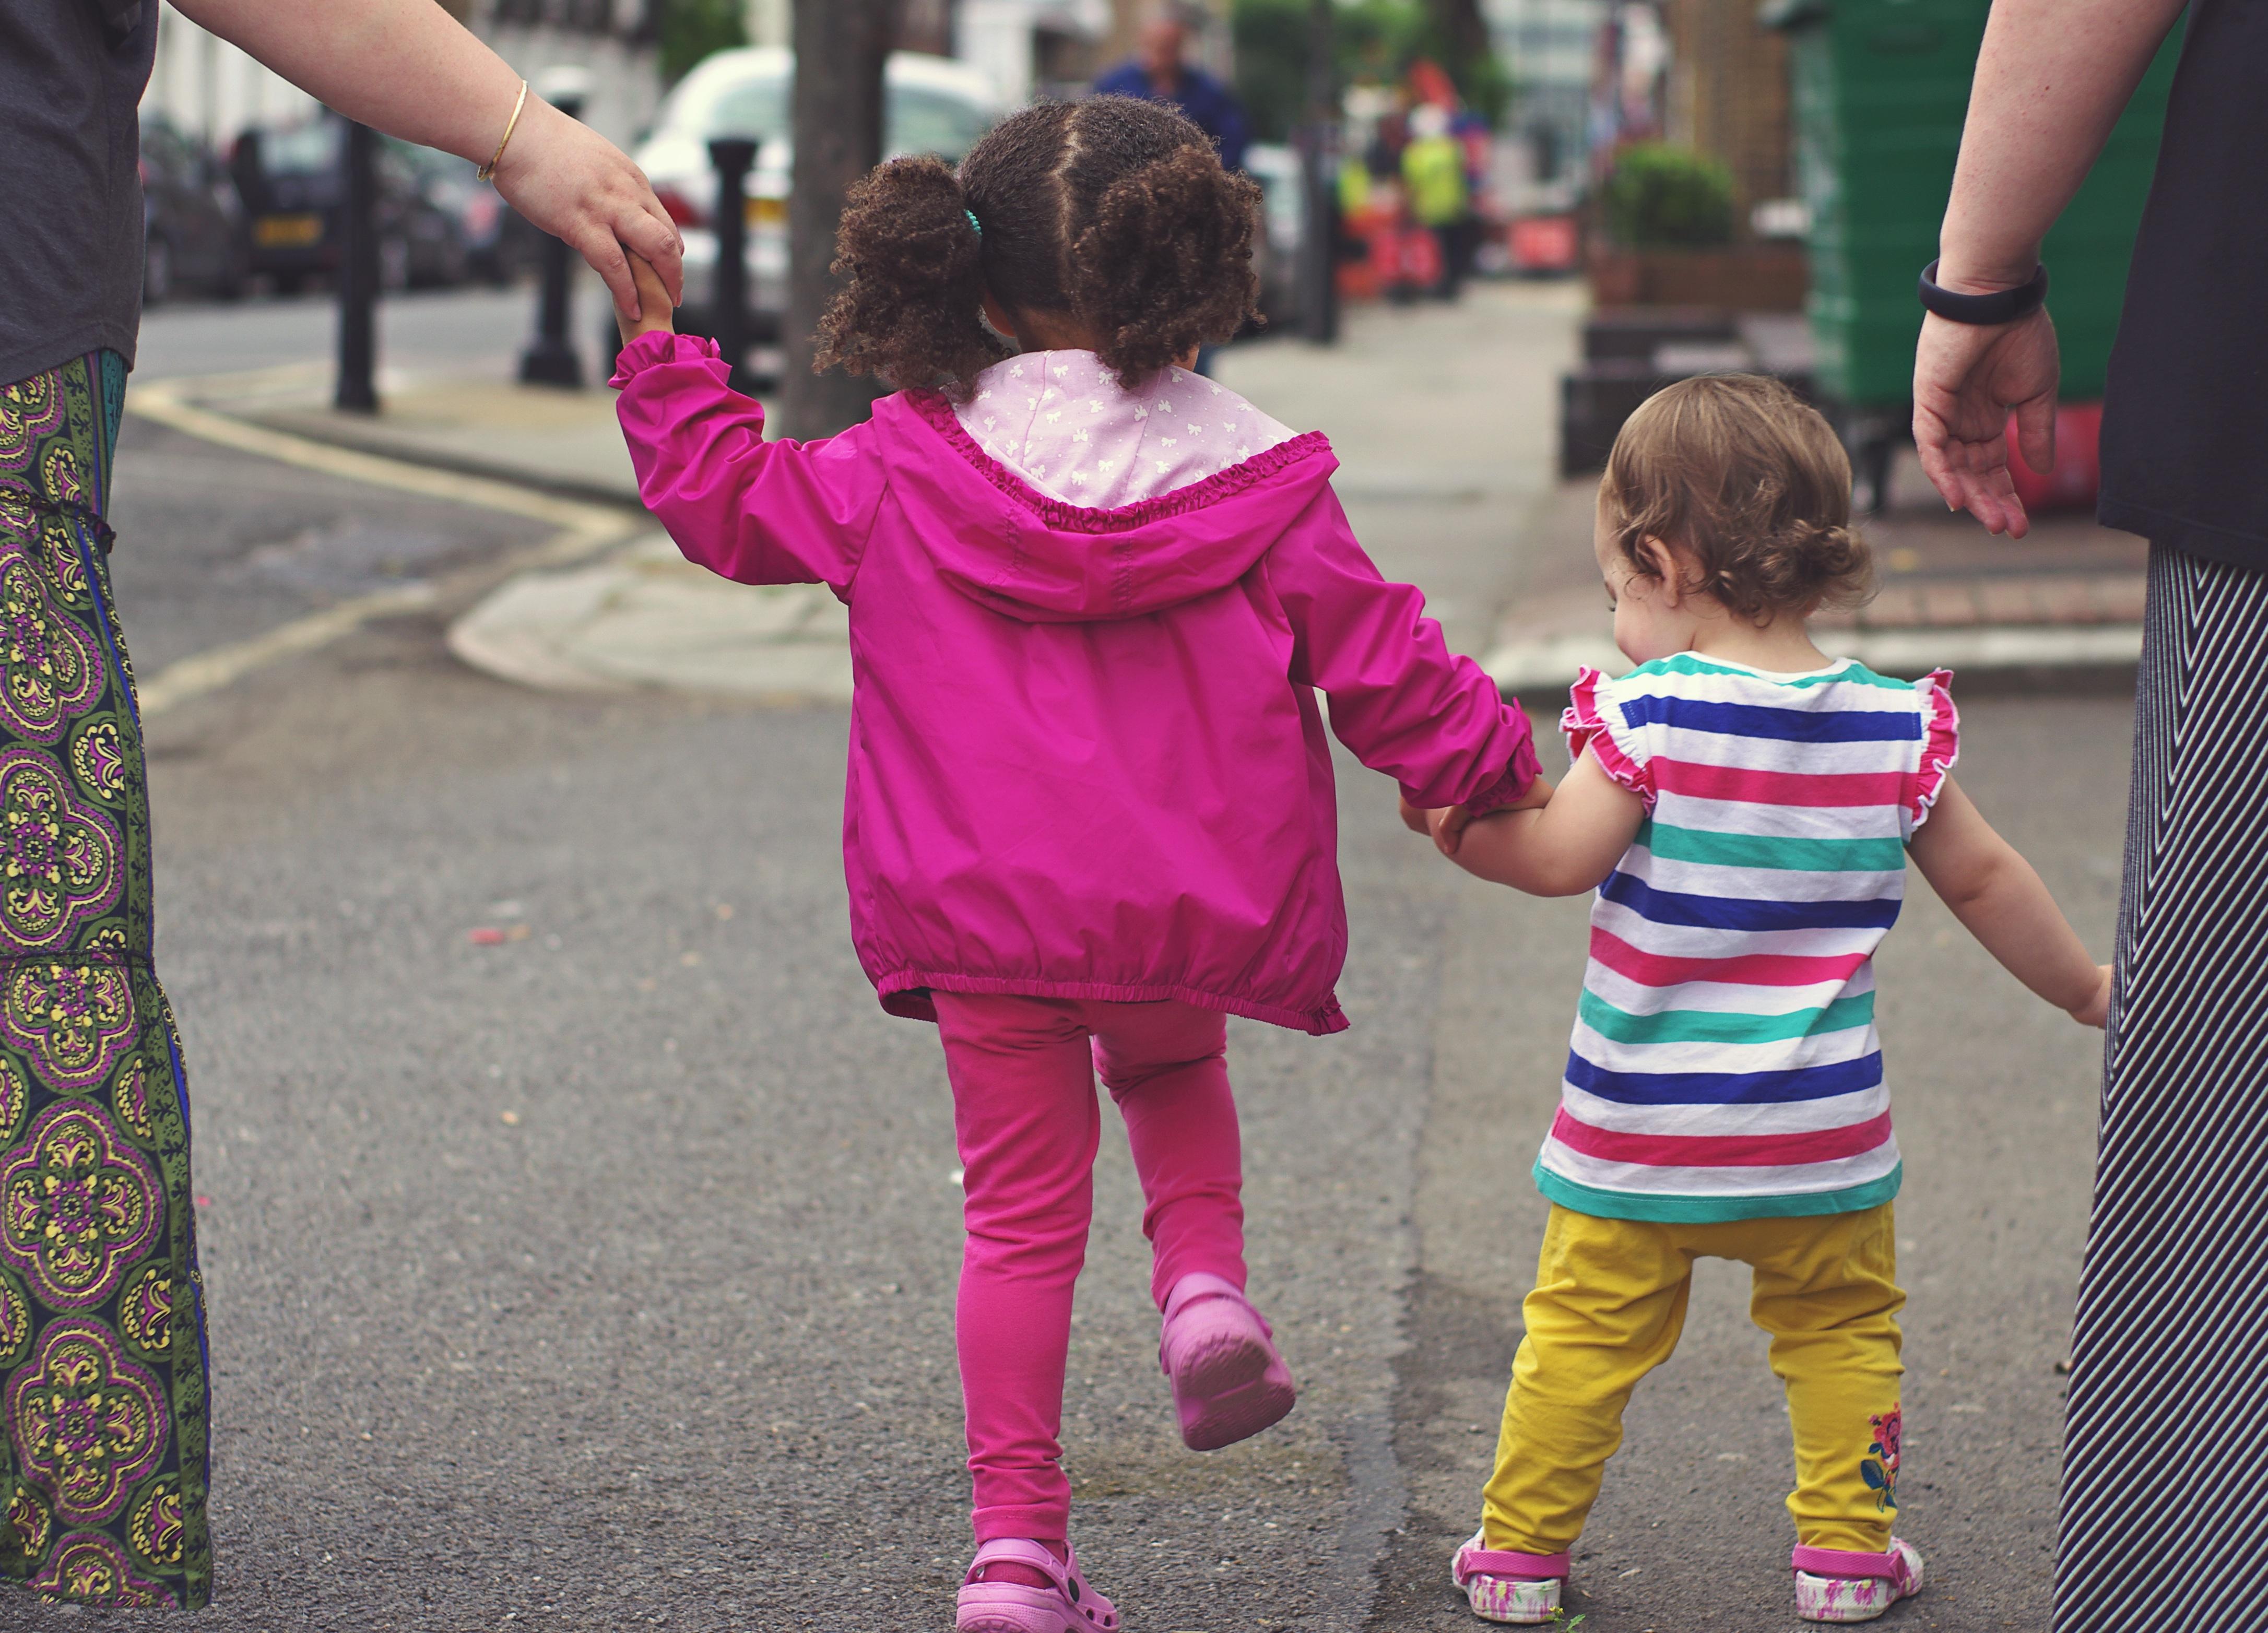 Fotos Gratis Para Caminar Persona Gente Nina Calle Jugar